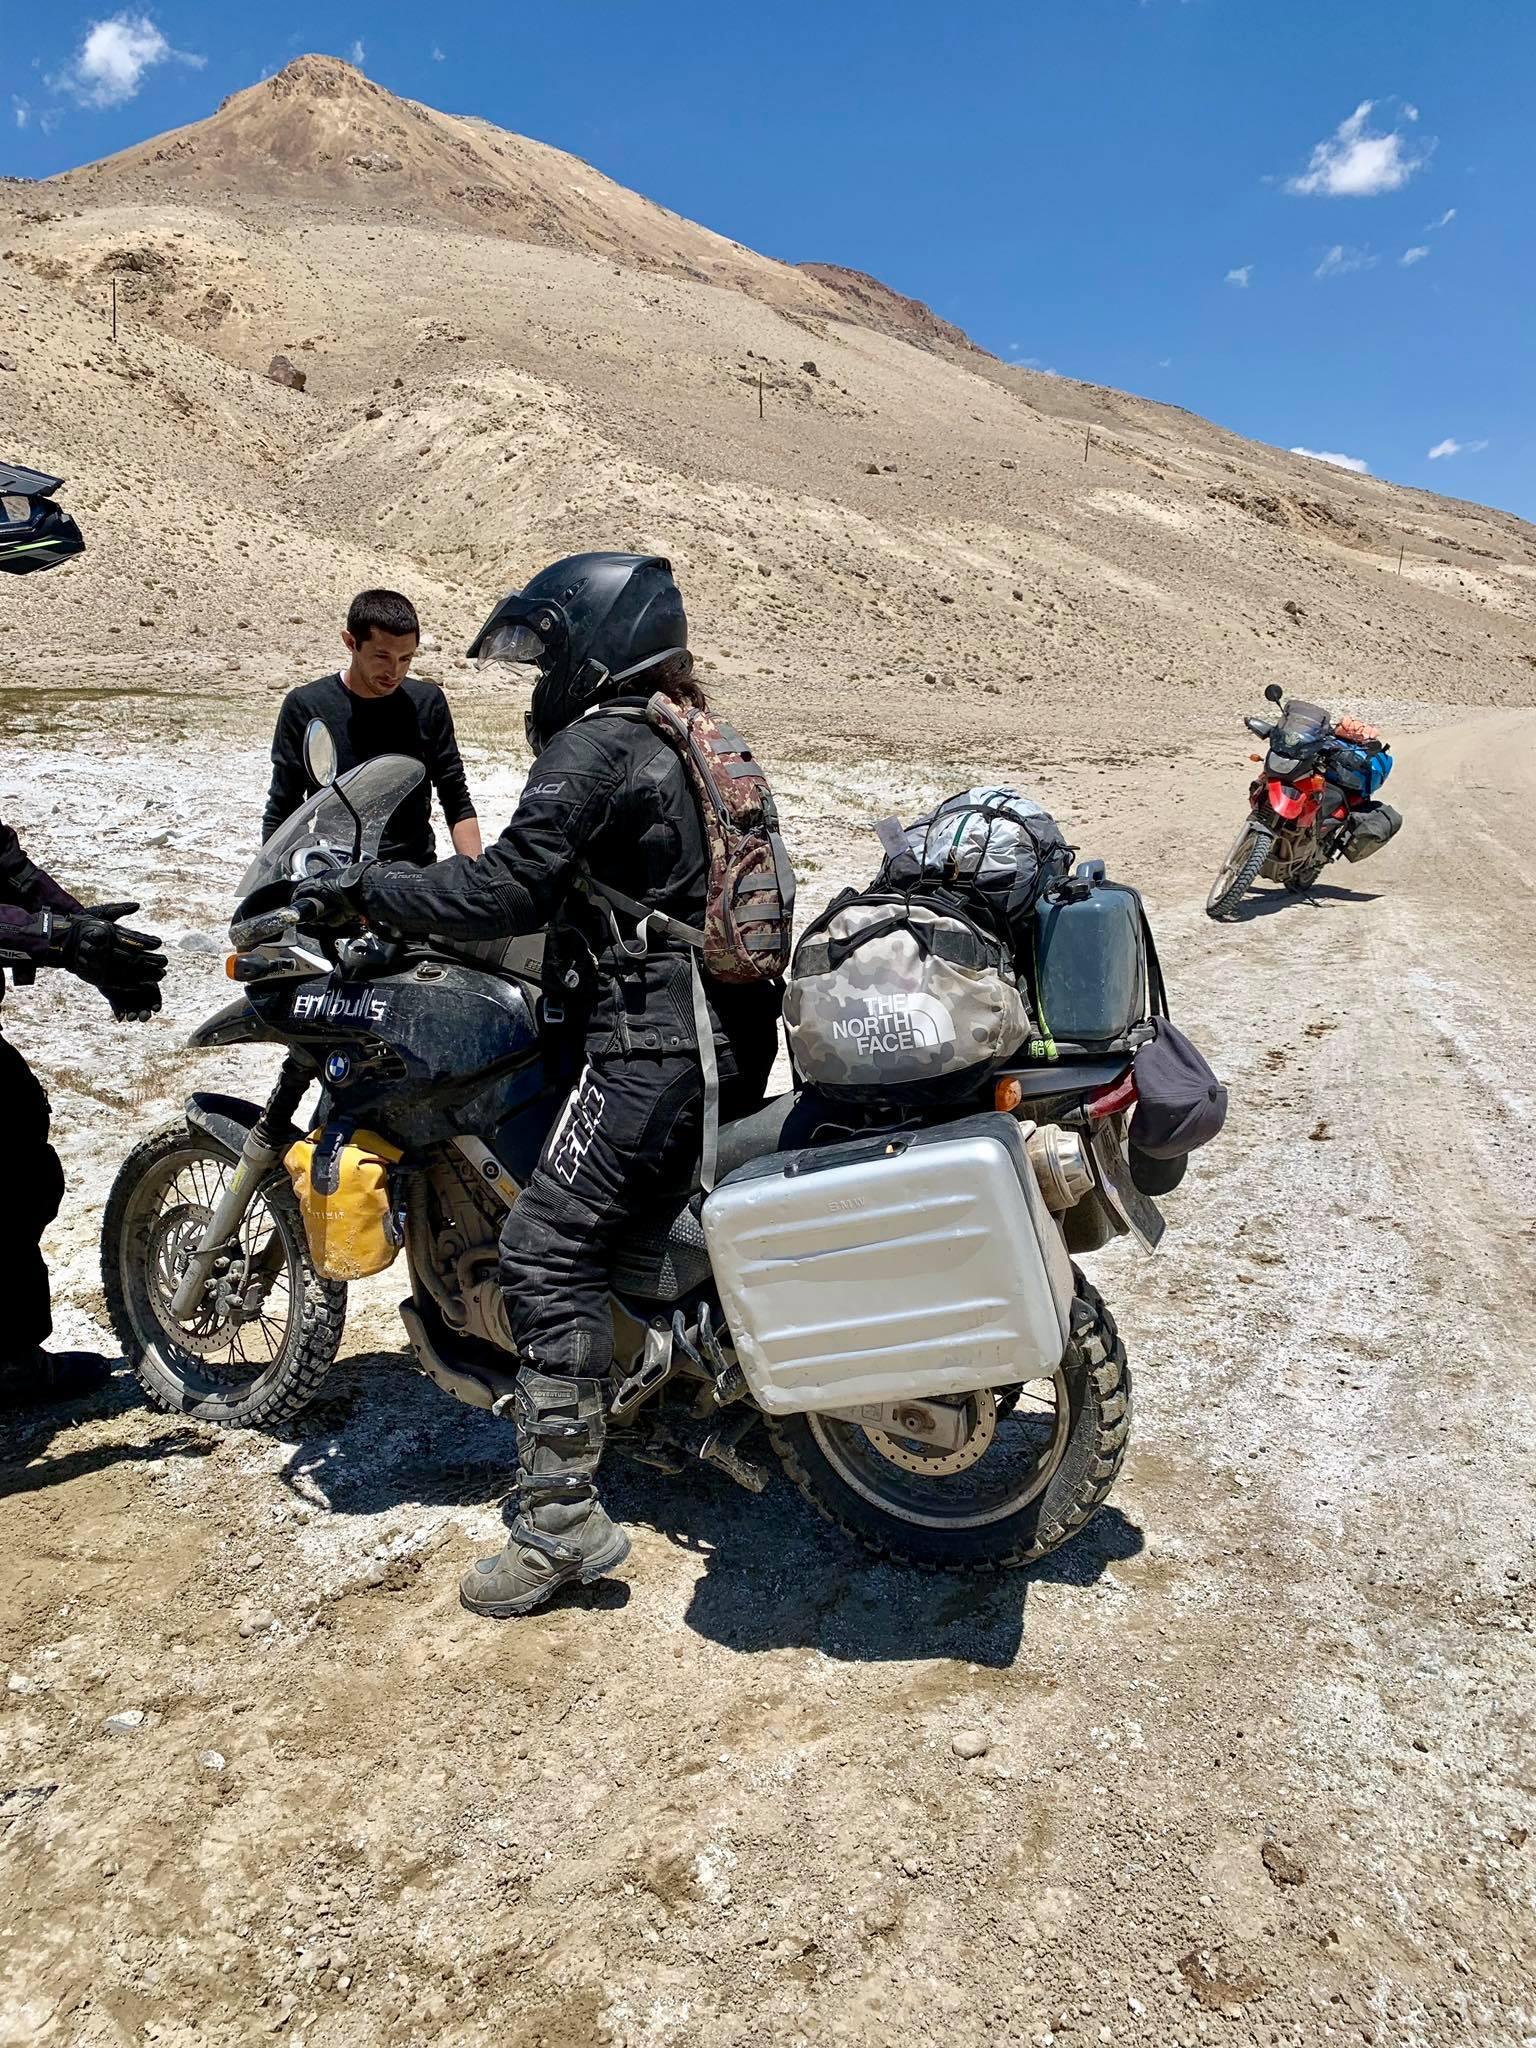 Kach Solo Travels in 2019 Homestay at Bulunkul Village14.jpg